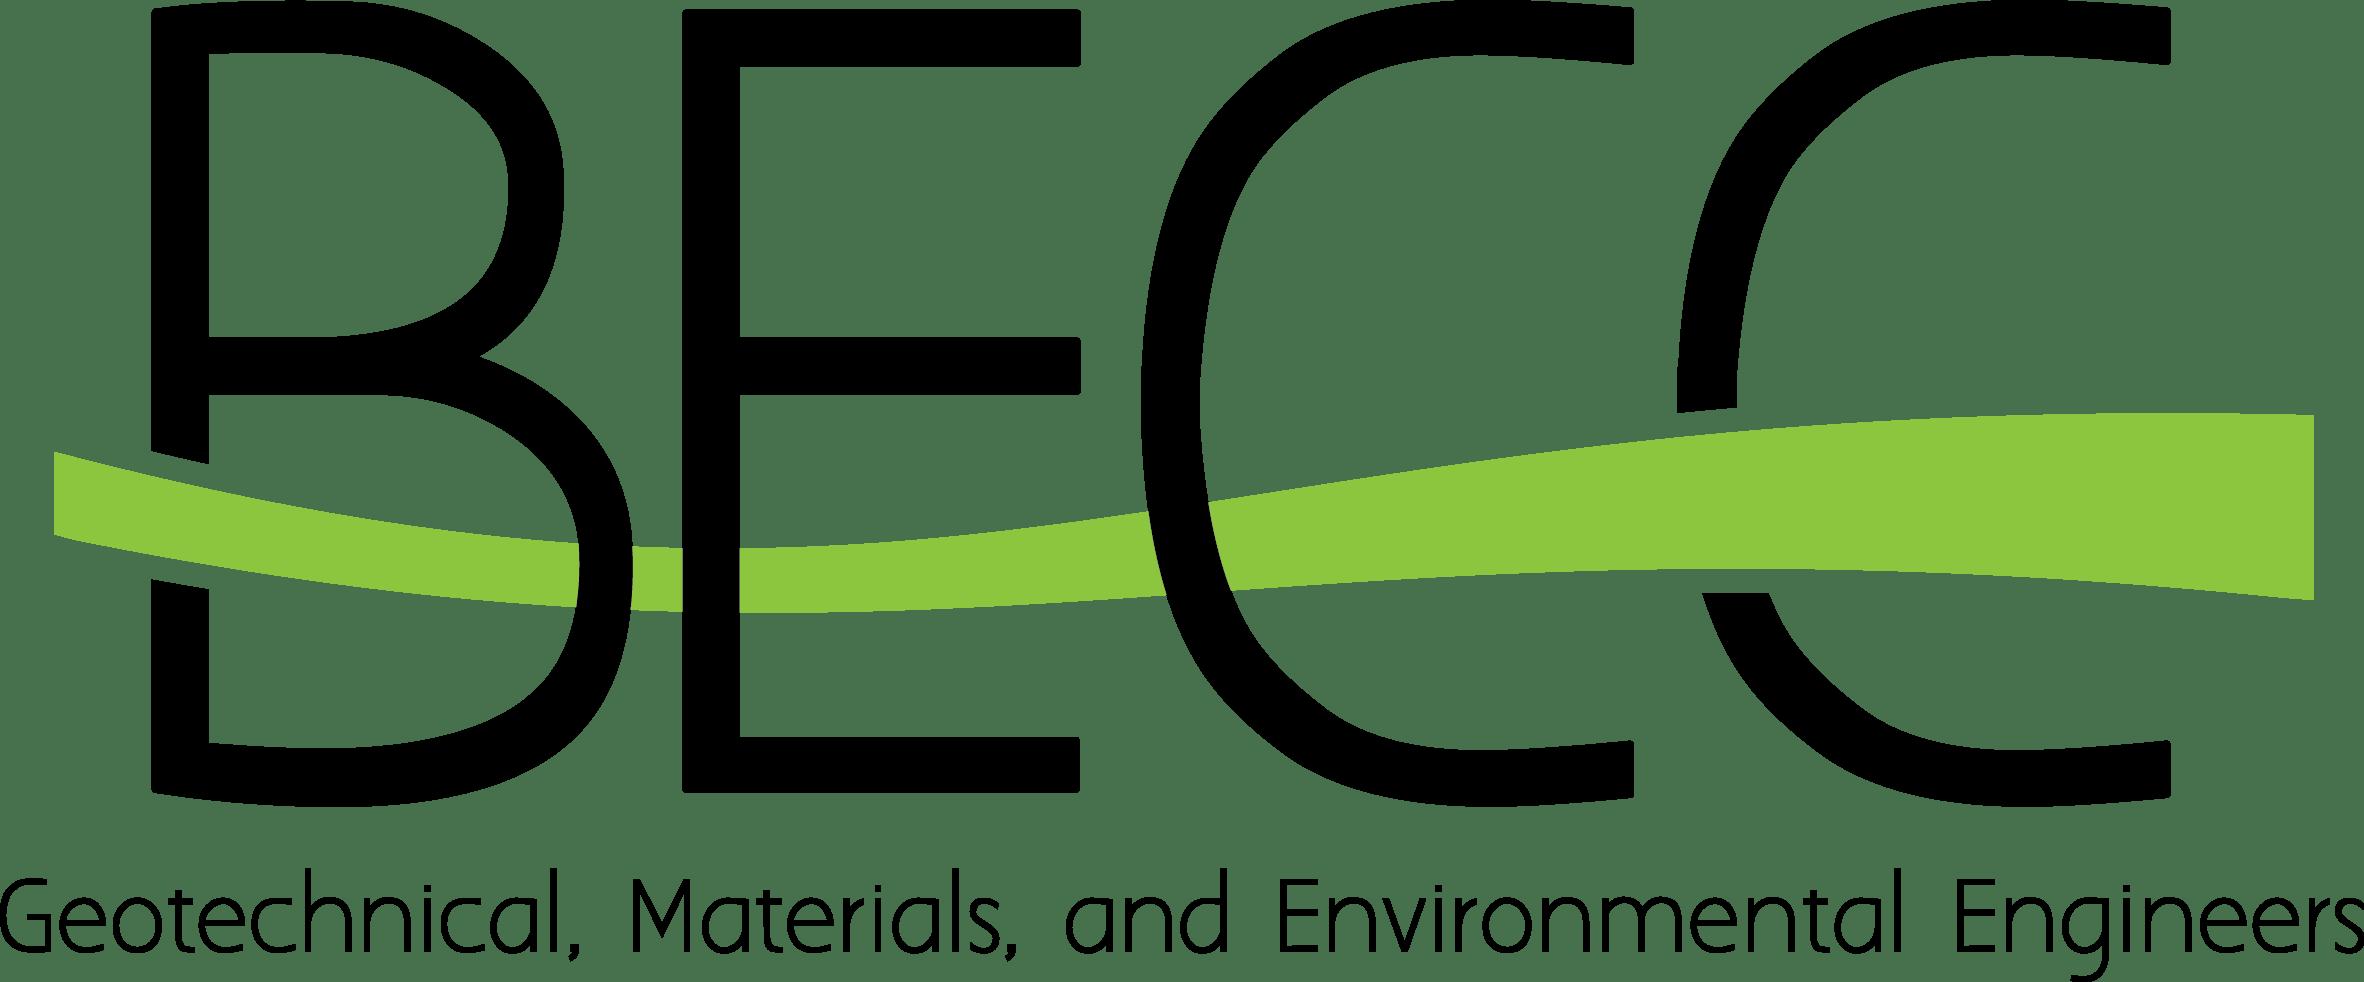 becc logo